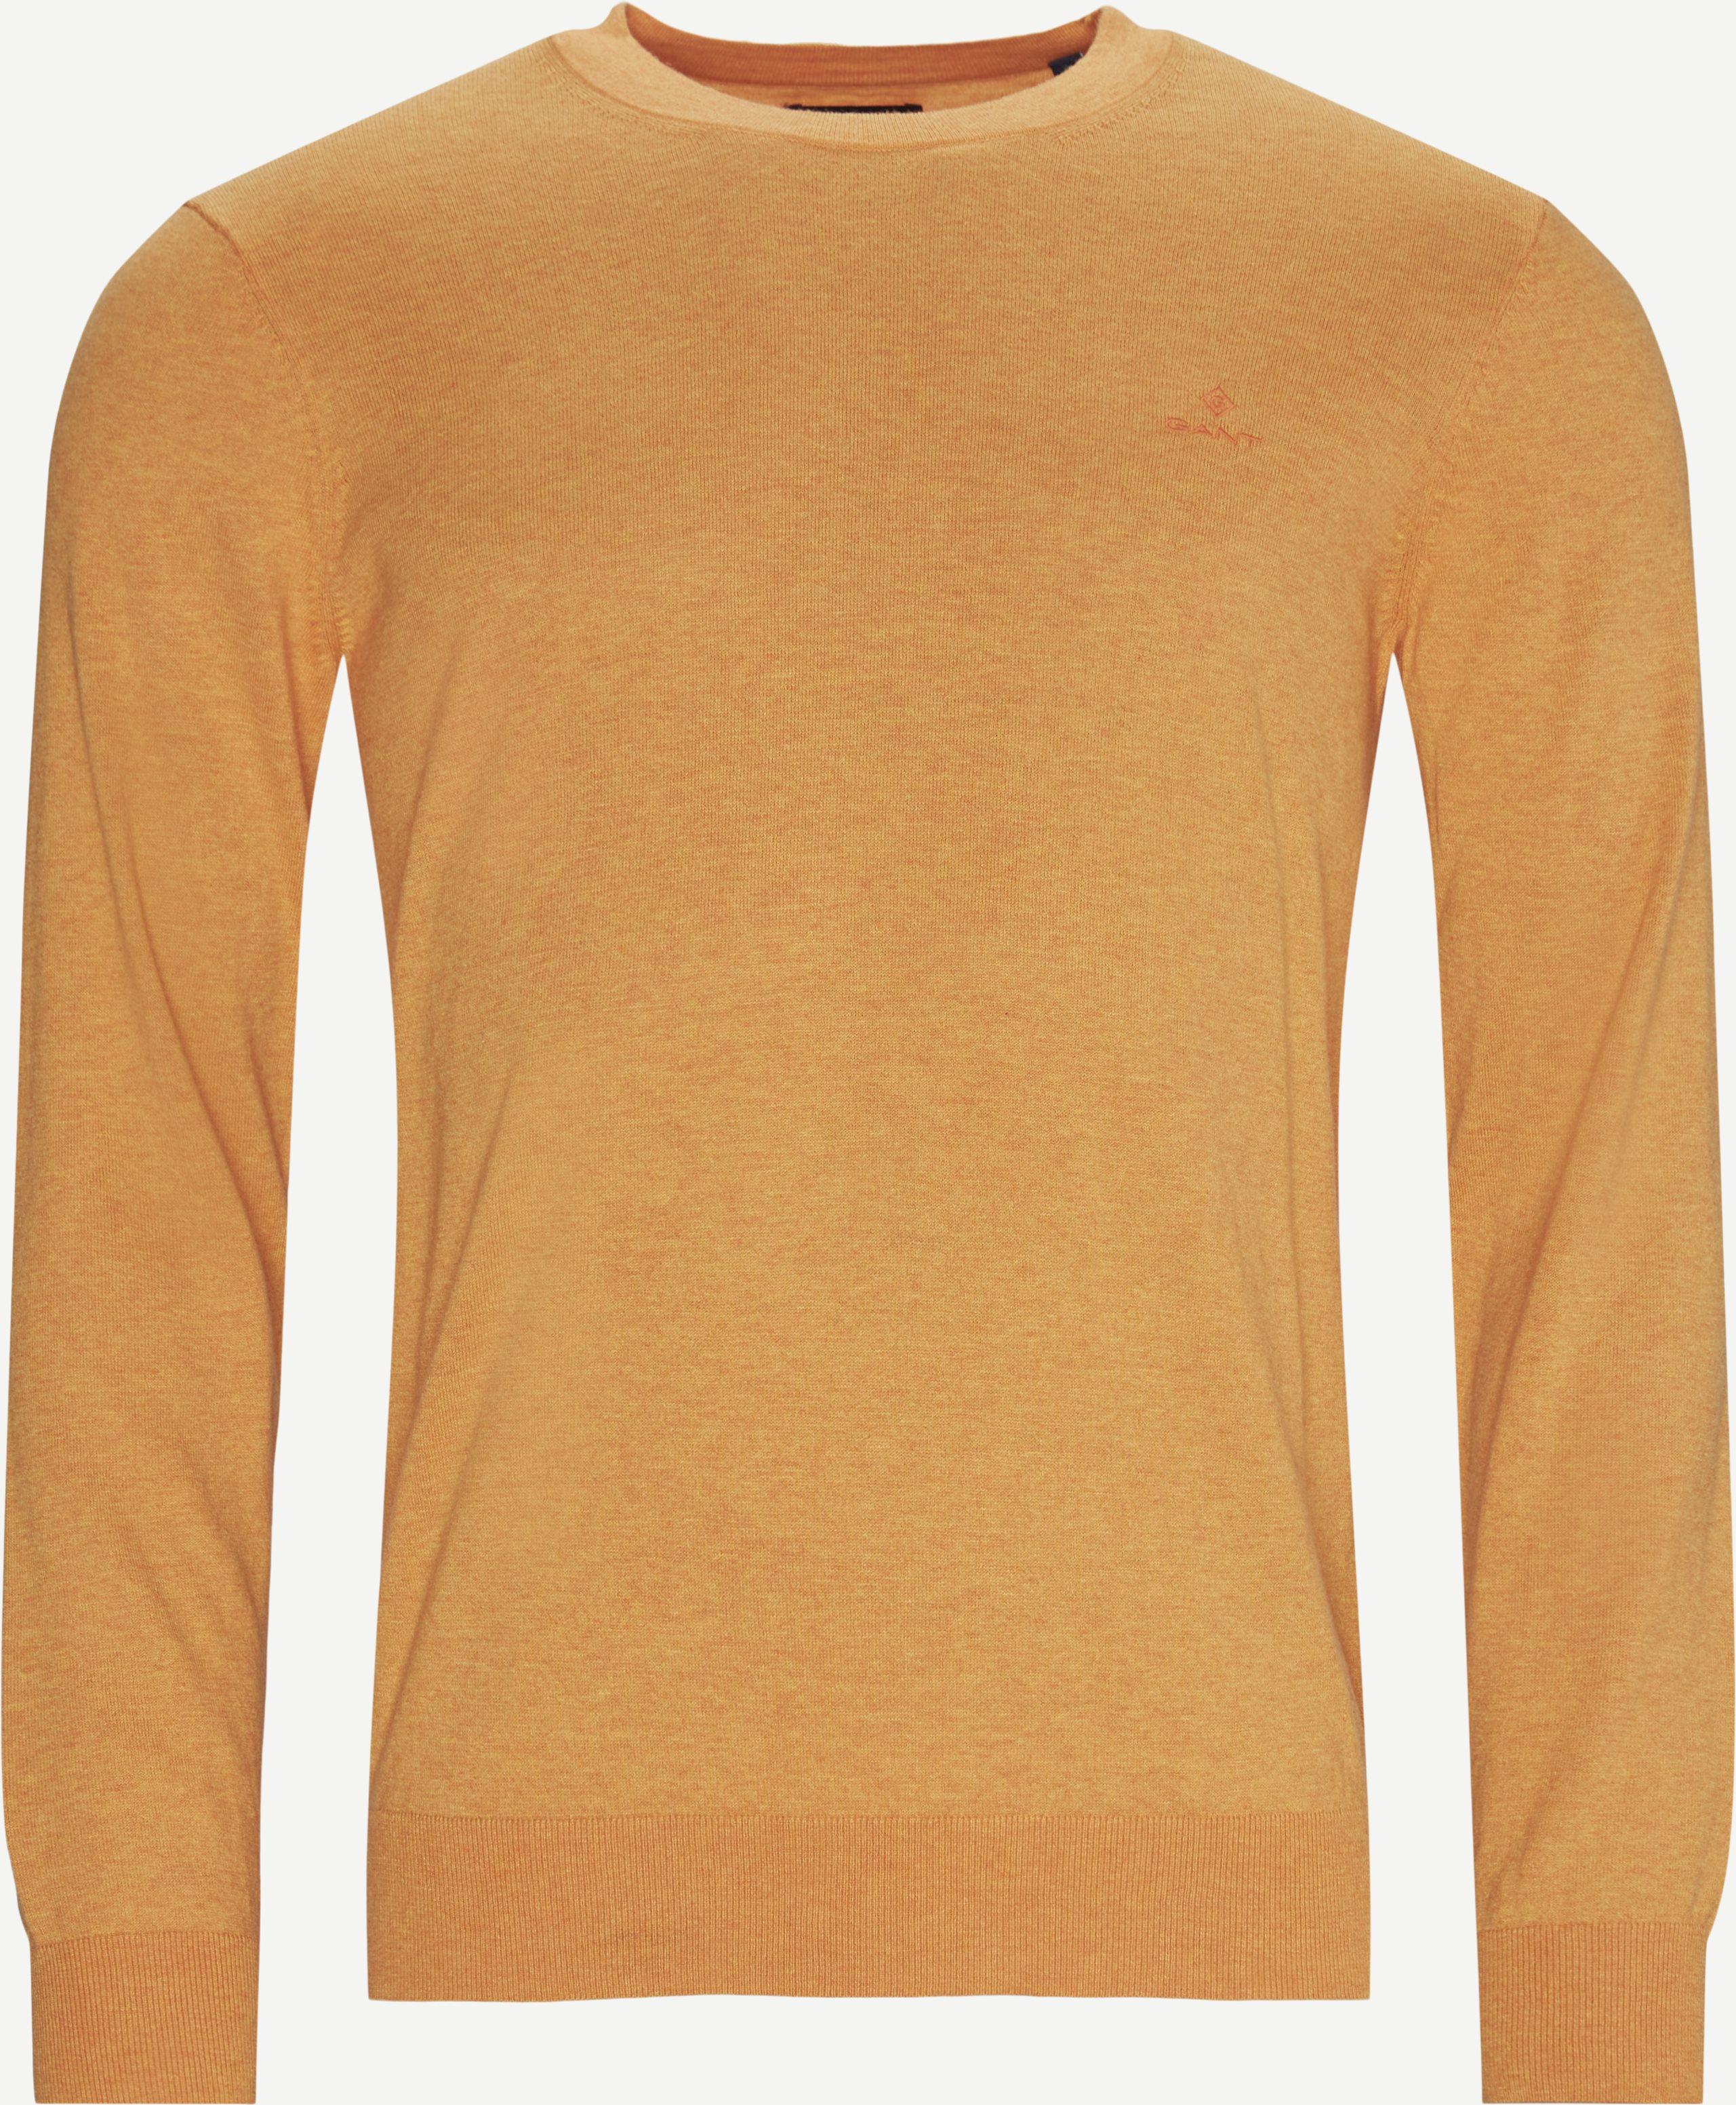 Knitwear - Orange